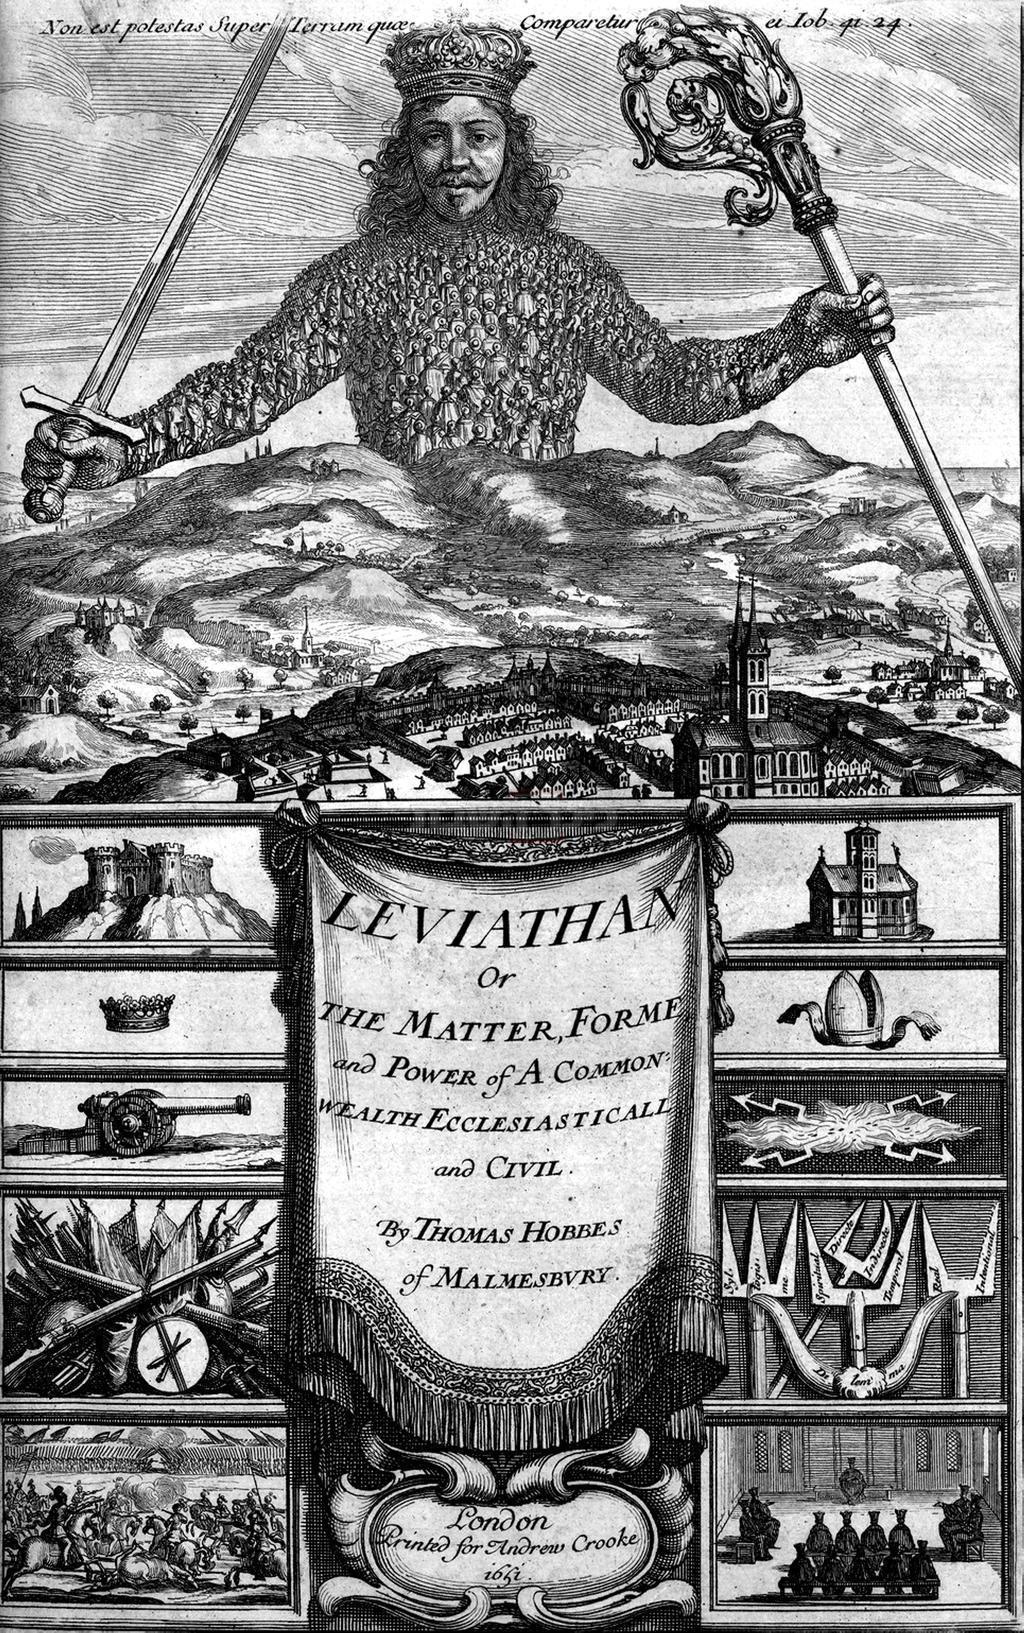 האיור בכריכה של הספר לויתן (מתוך המכלול-ויקיפדיה)